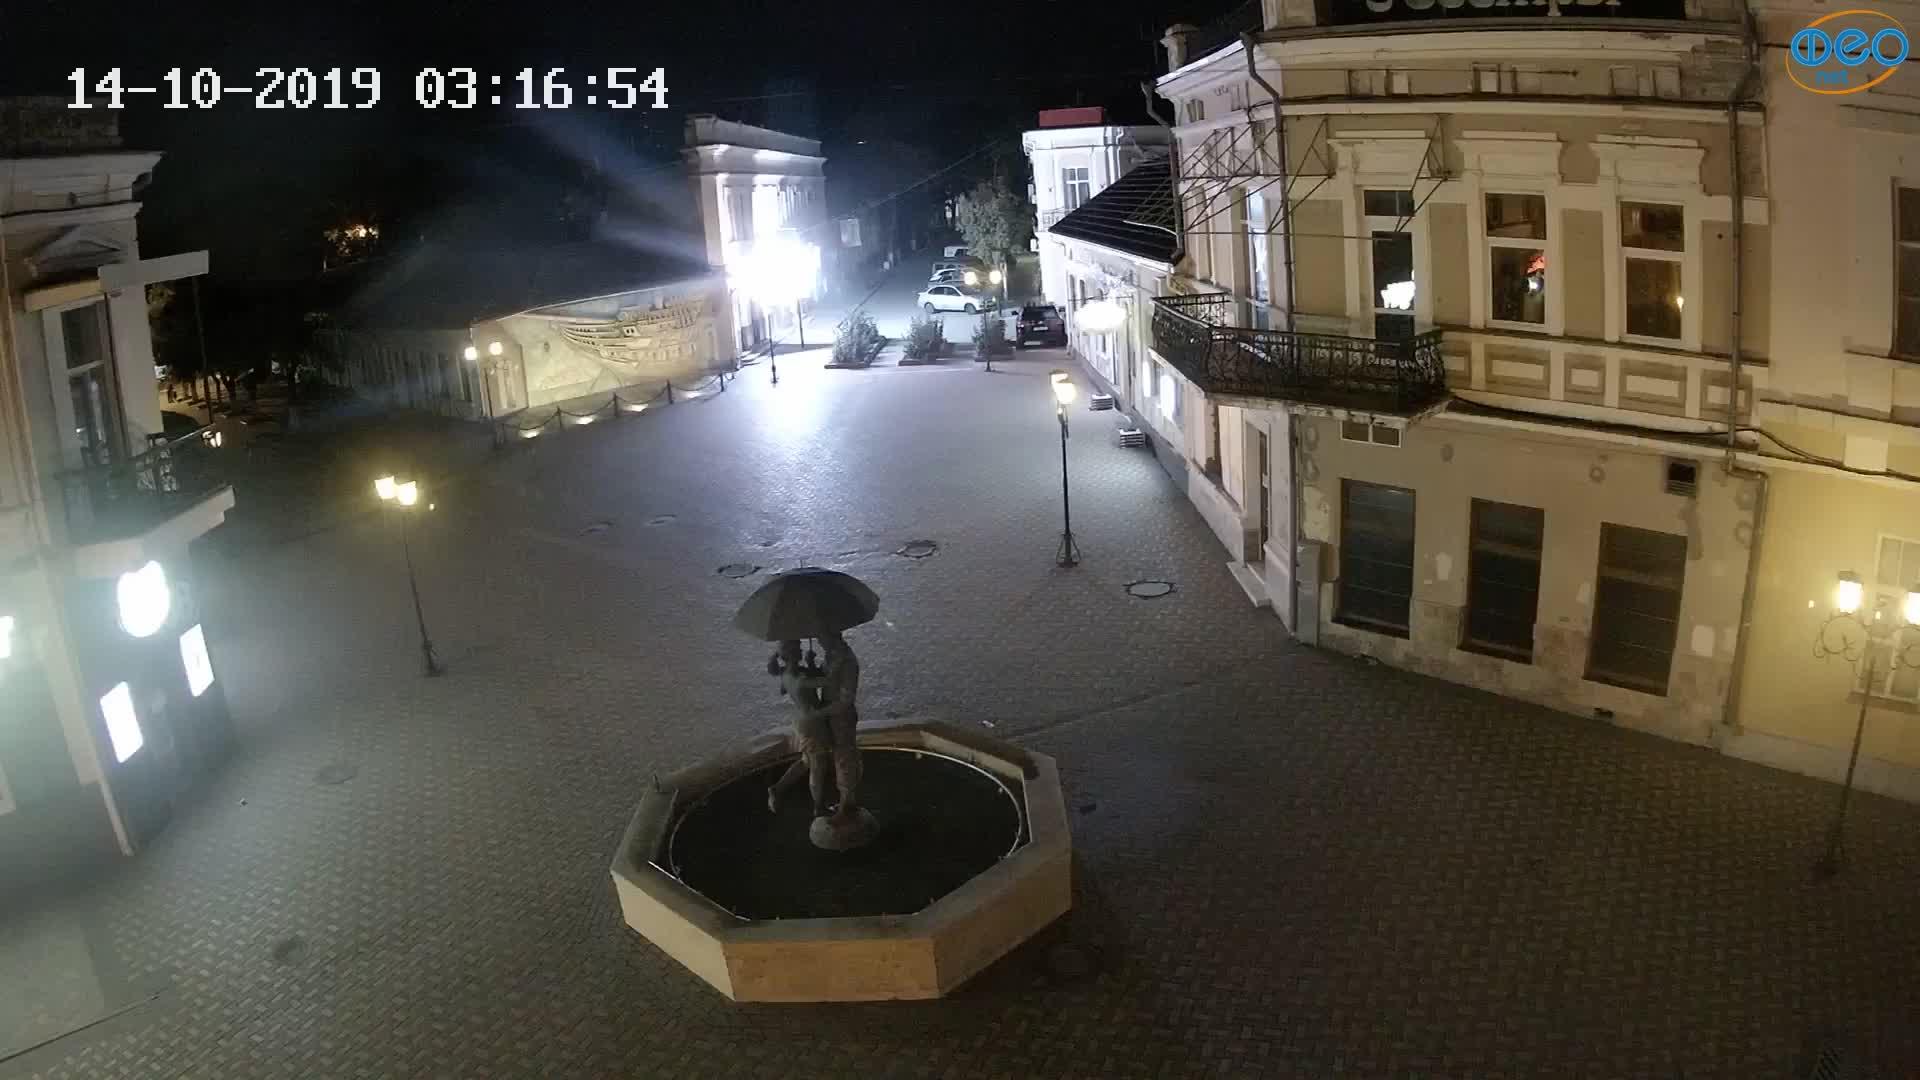 Веб-камеры Феодосии, Панно Бригантина (Камера со звуком.), 2019-10-14 03:23:06